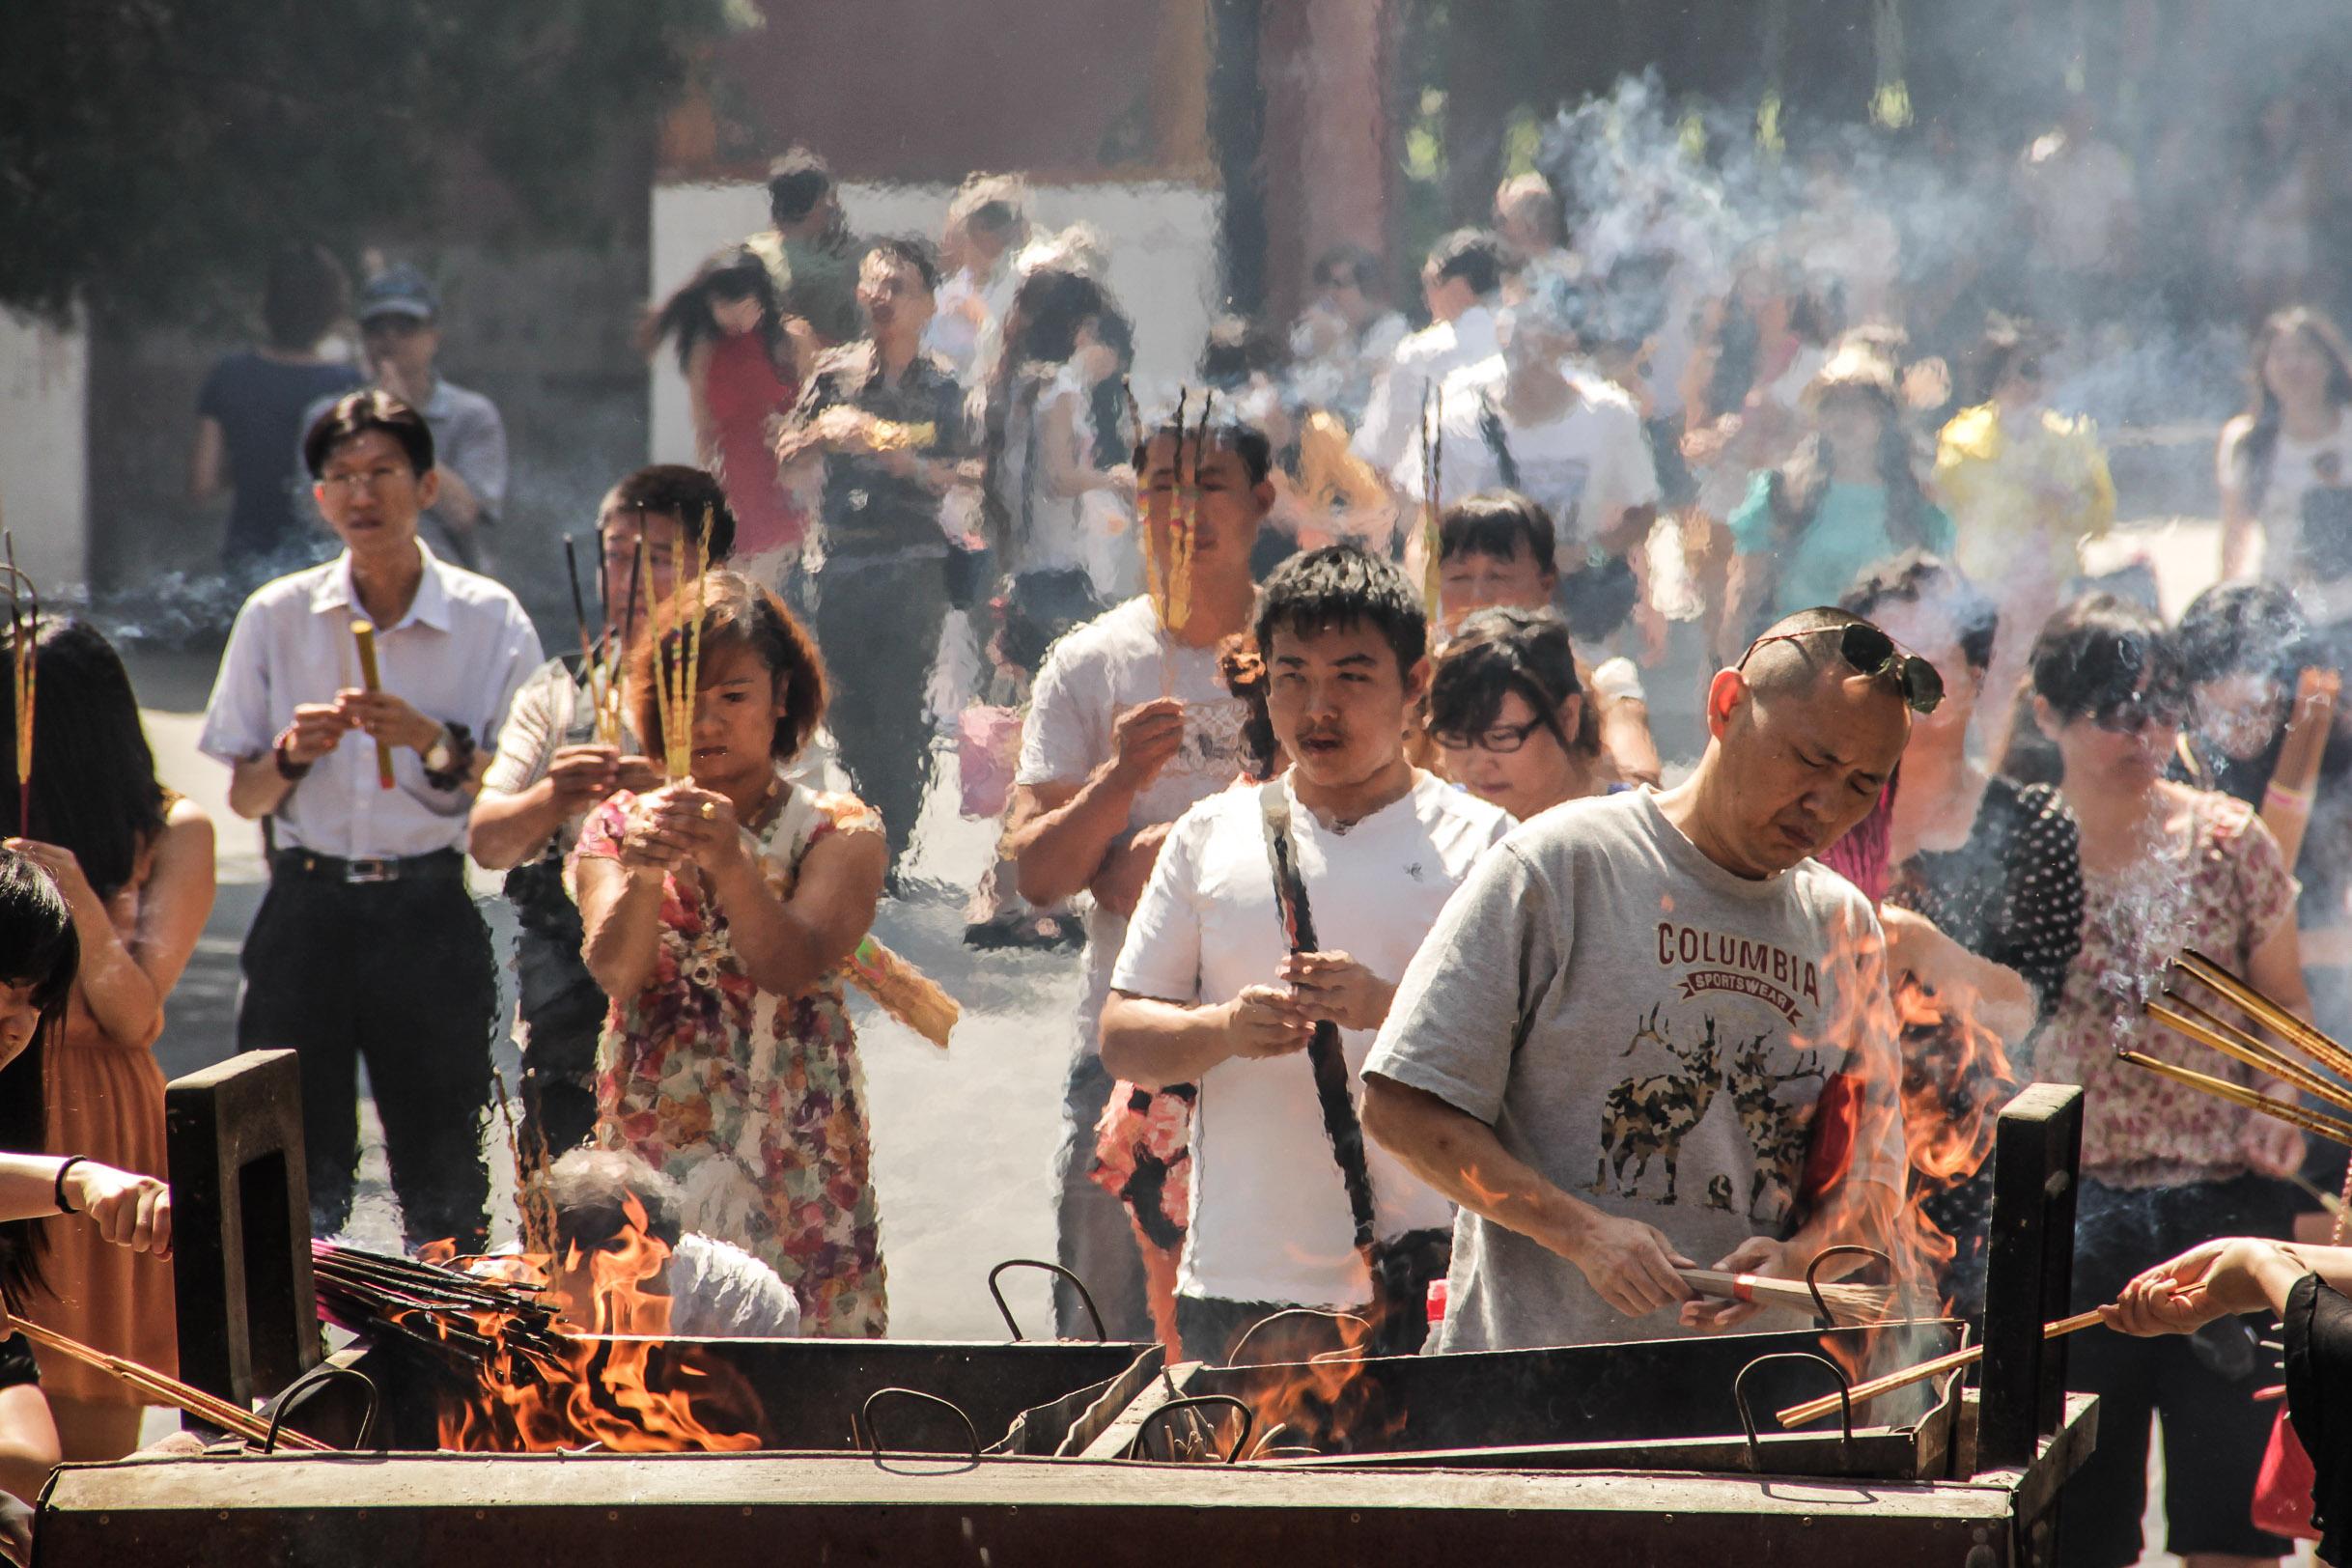 Fidèles brulant de l'encens au Lama Temple